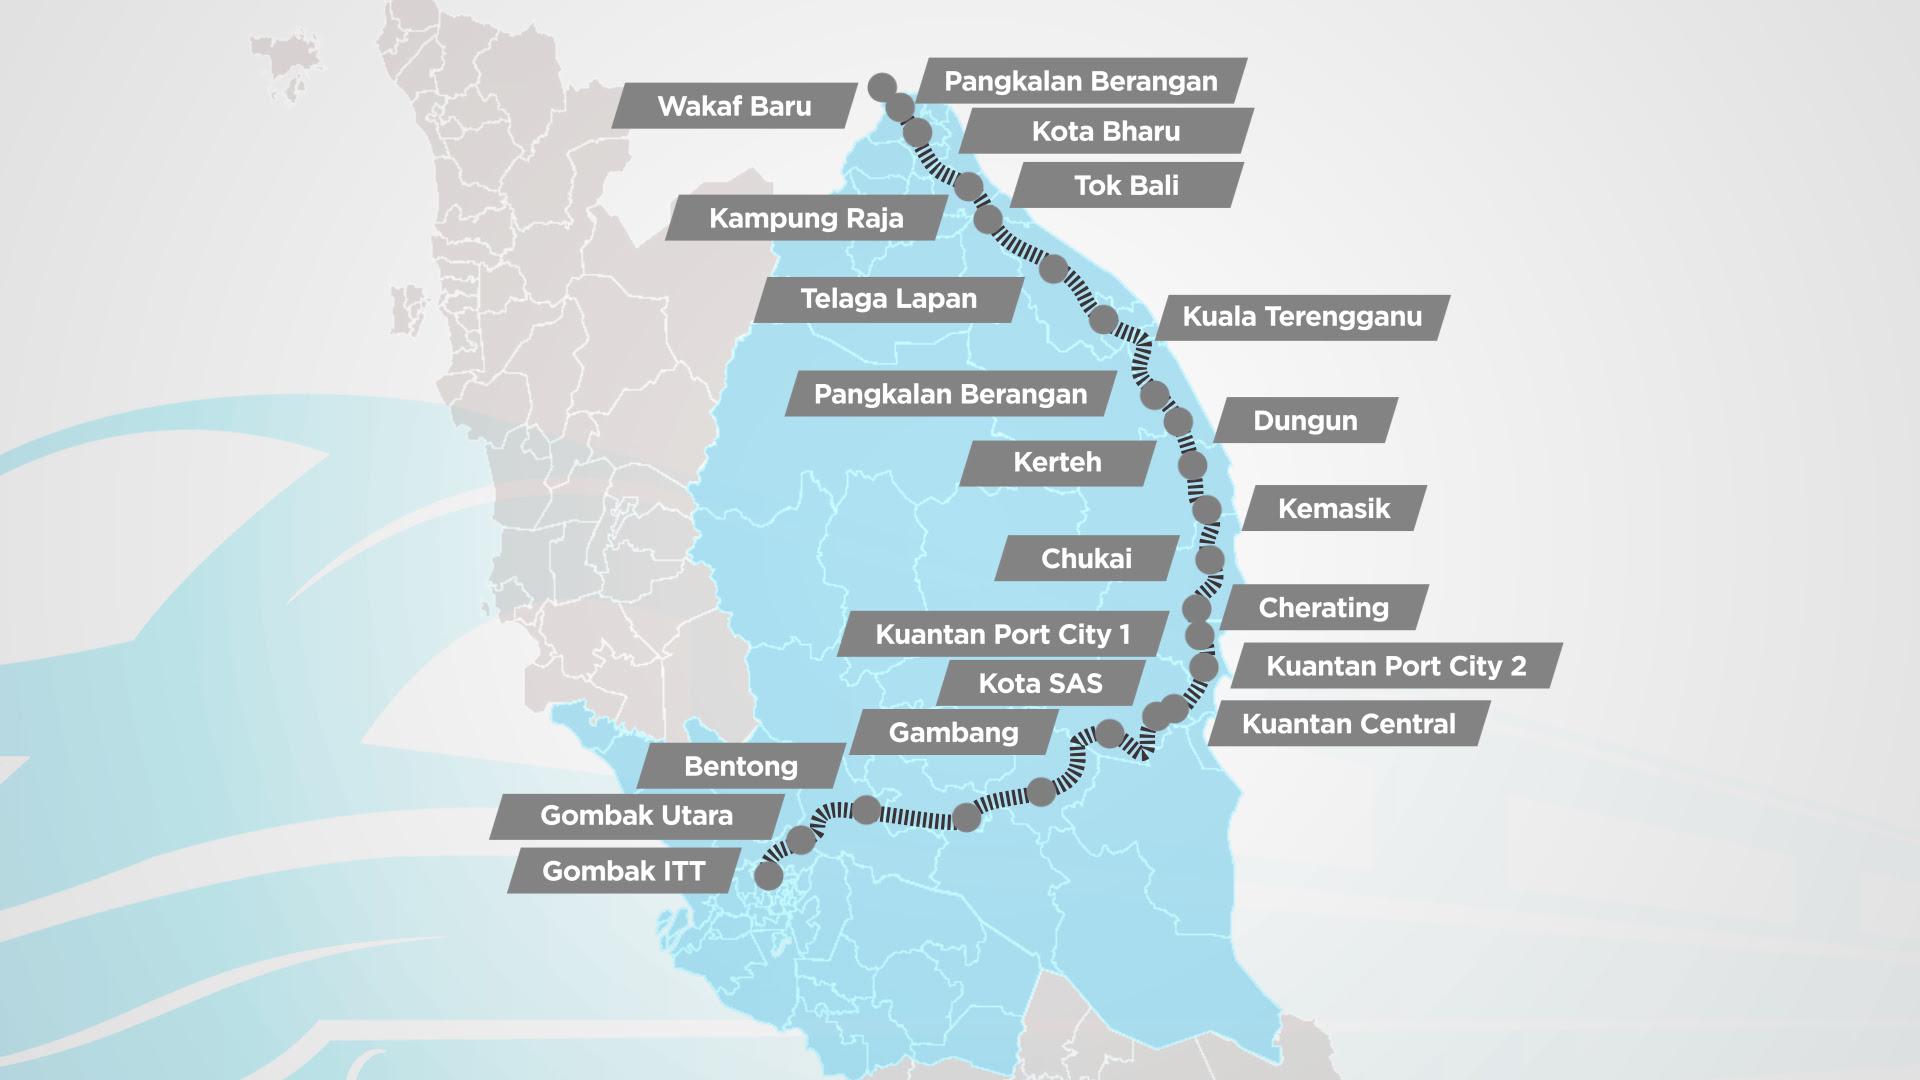 Peta Pantai Timur Malaysia - Kumpulan Peta dan Denah